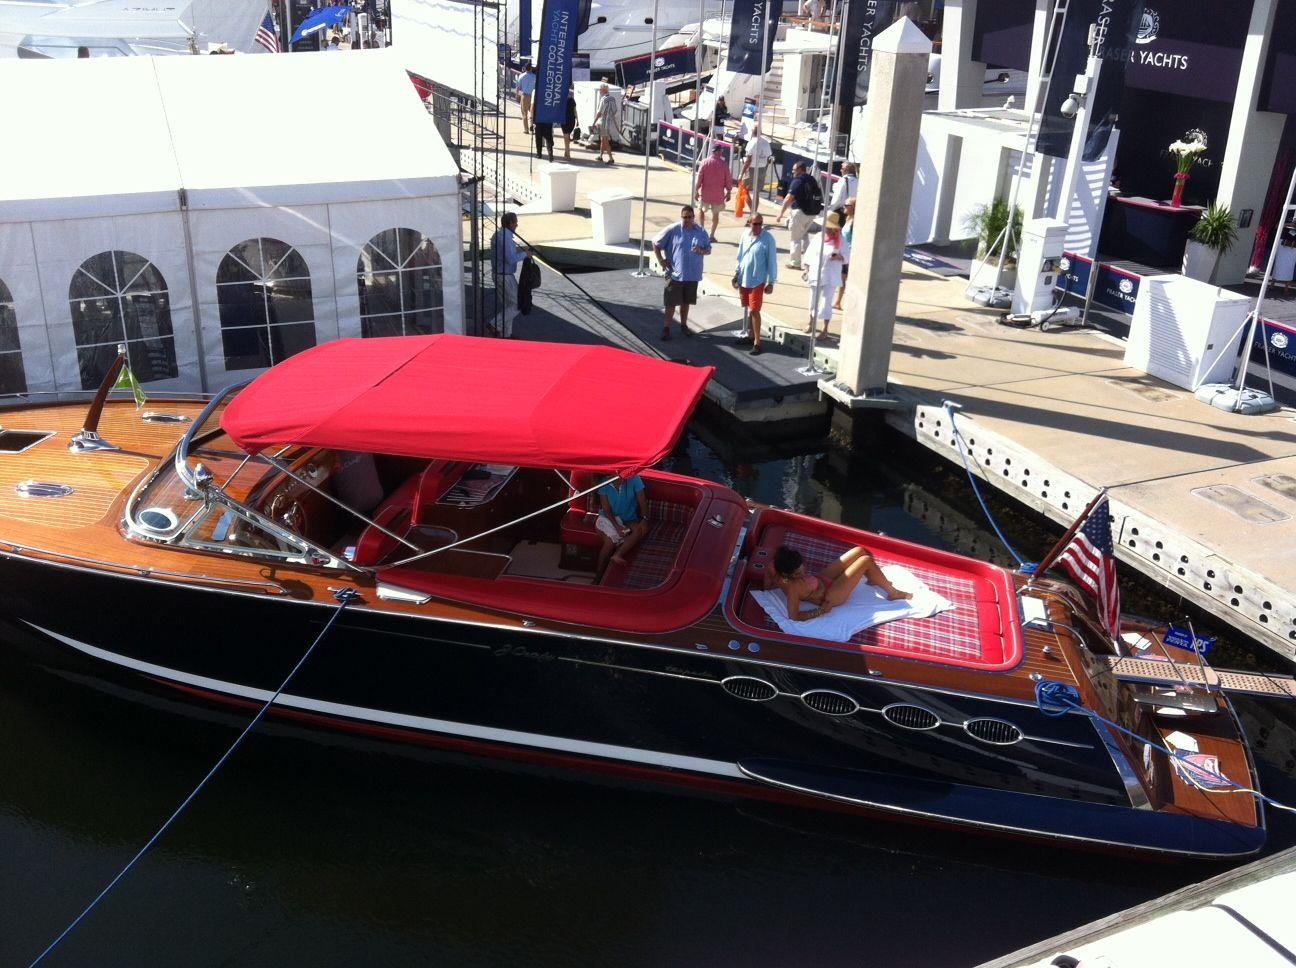 bateau j-craft a vendre